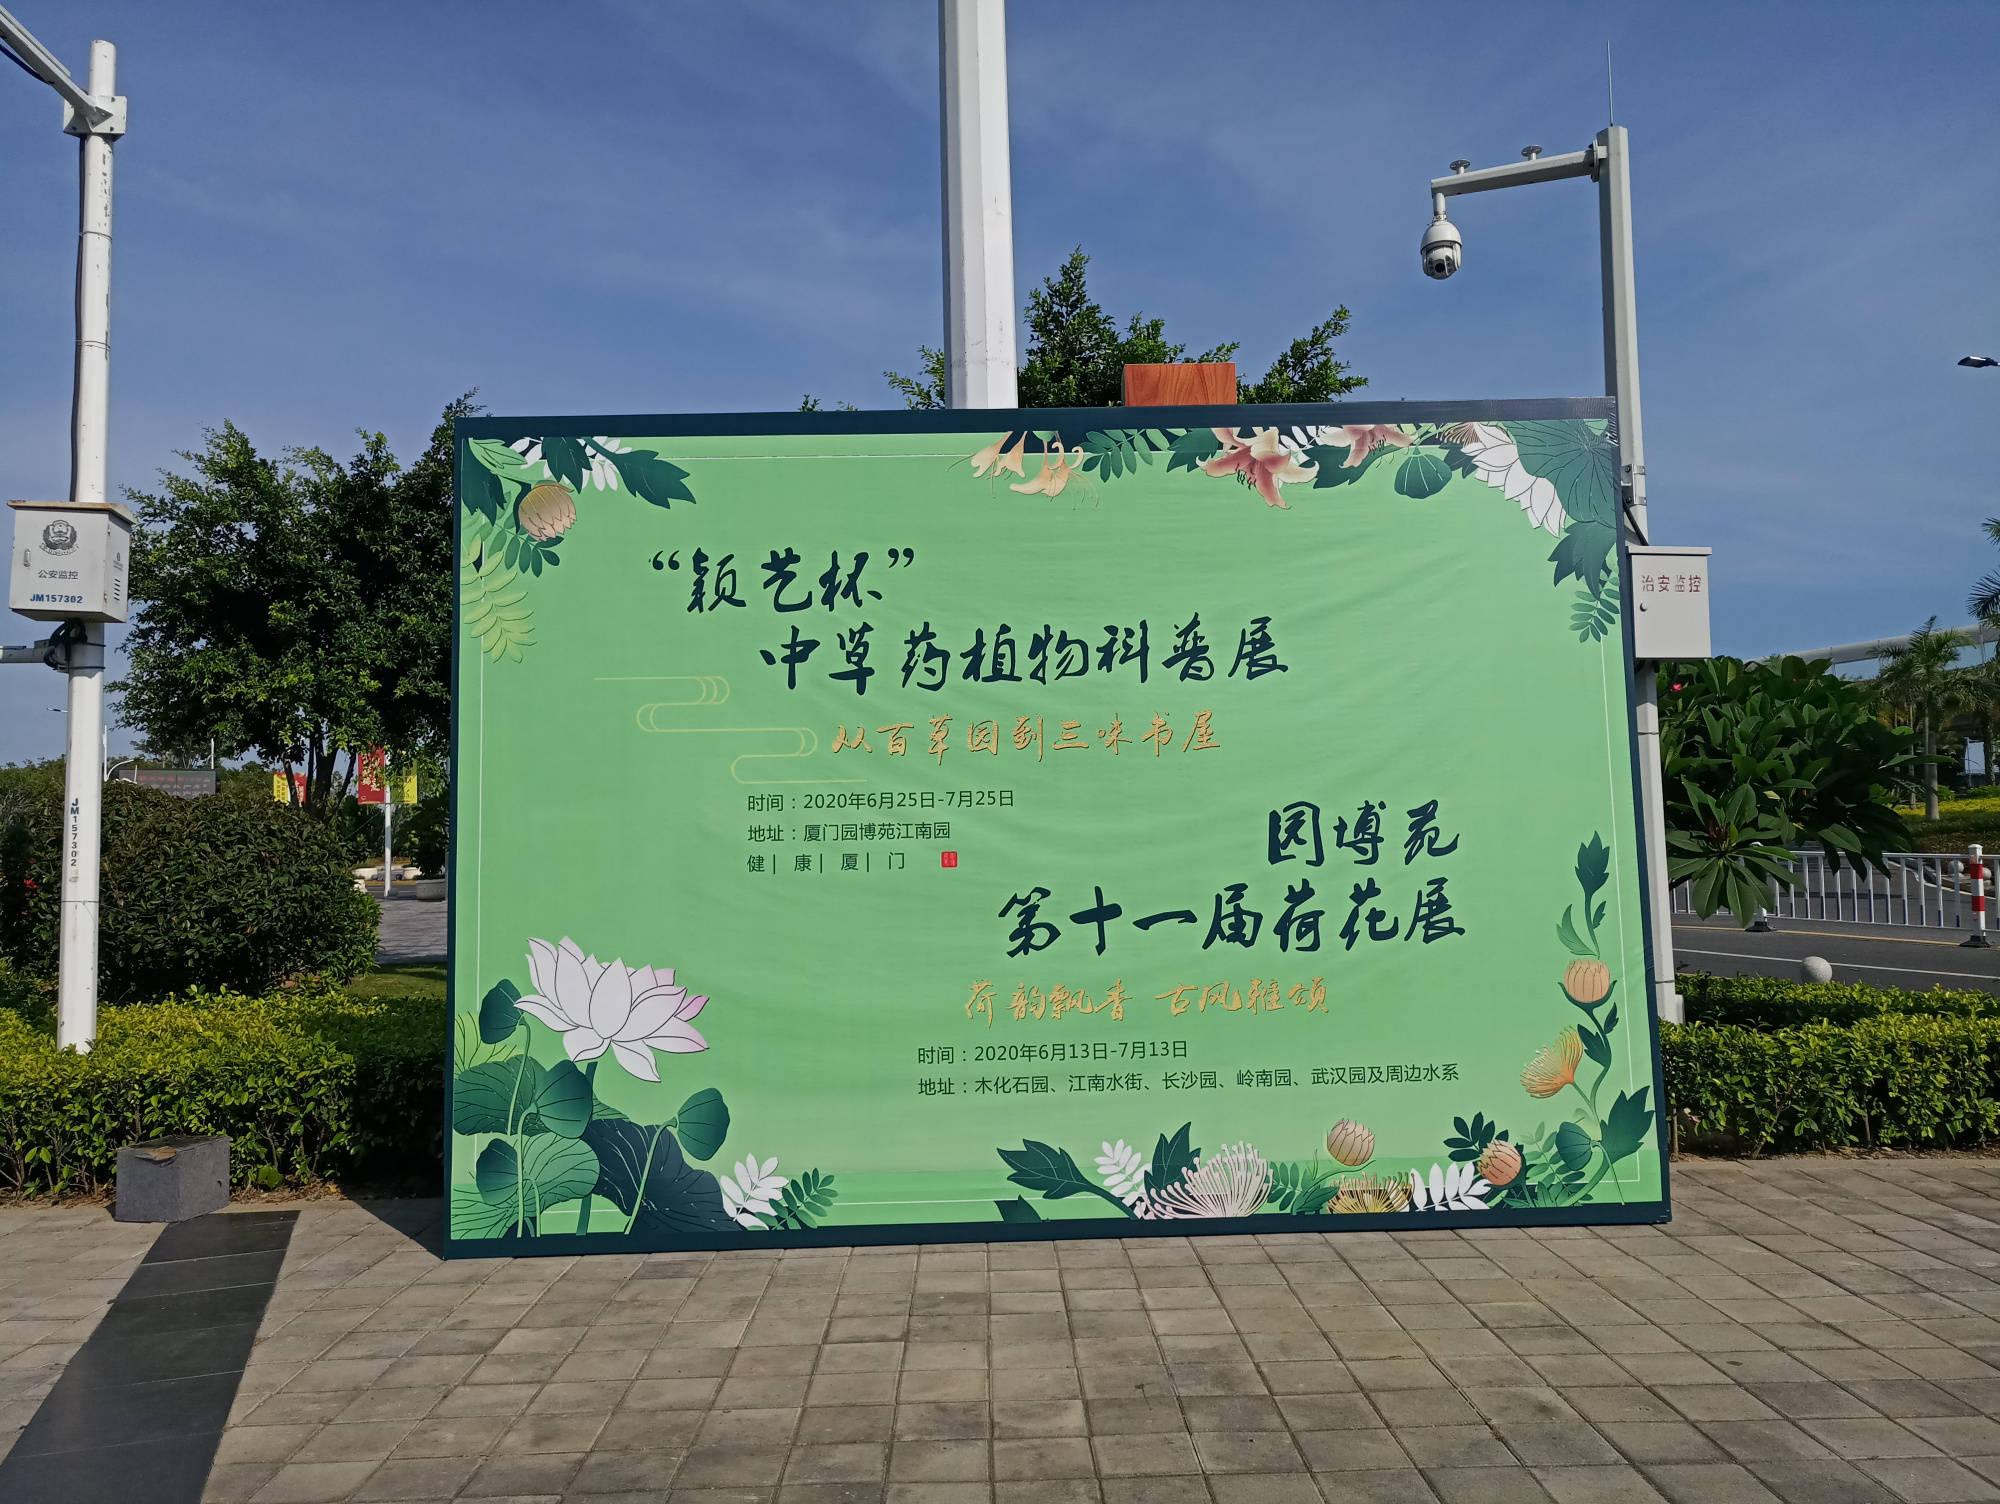 """6月25日至7月25日,厦门版""""百草园"""",园博苑中草药植物展将结束"""